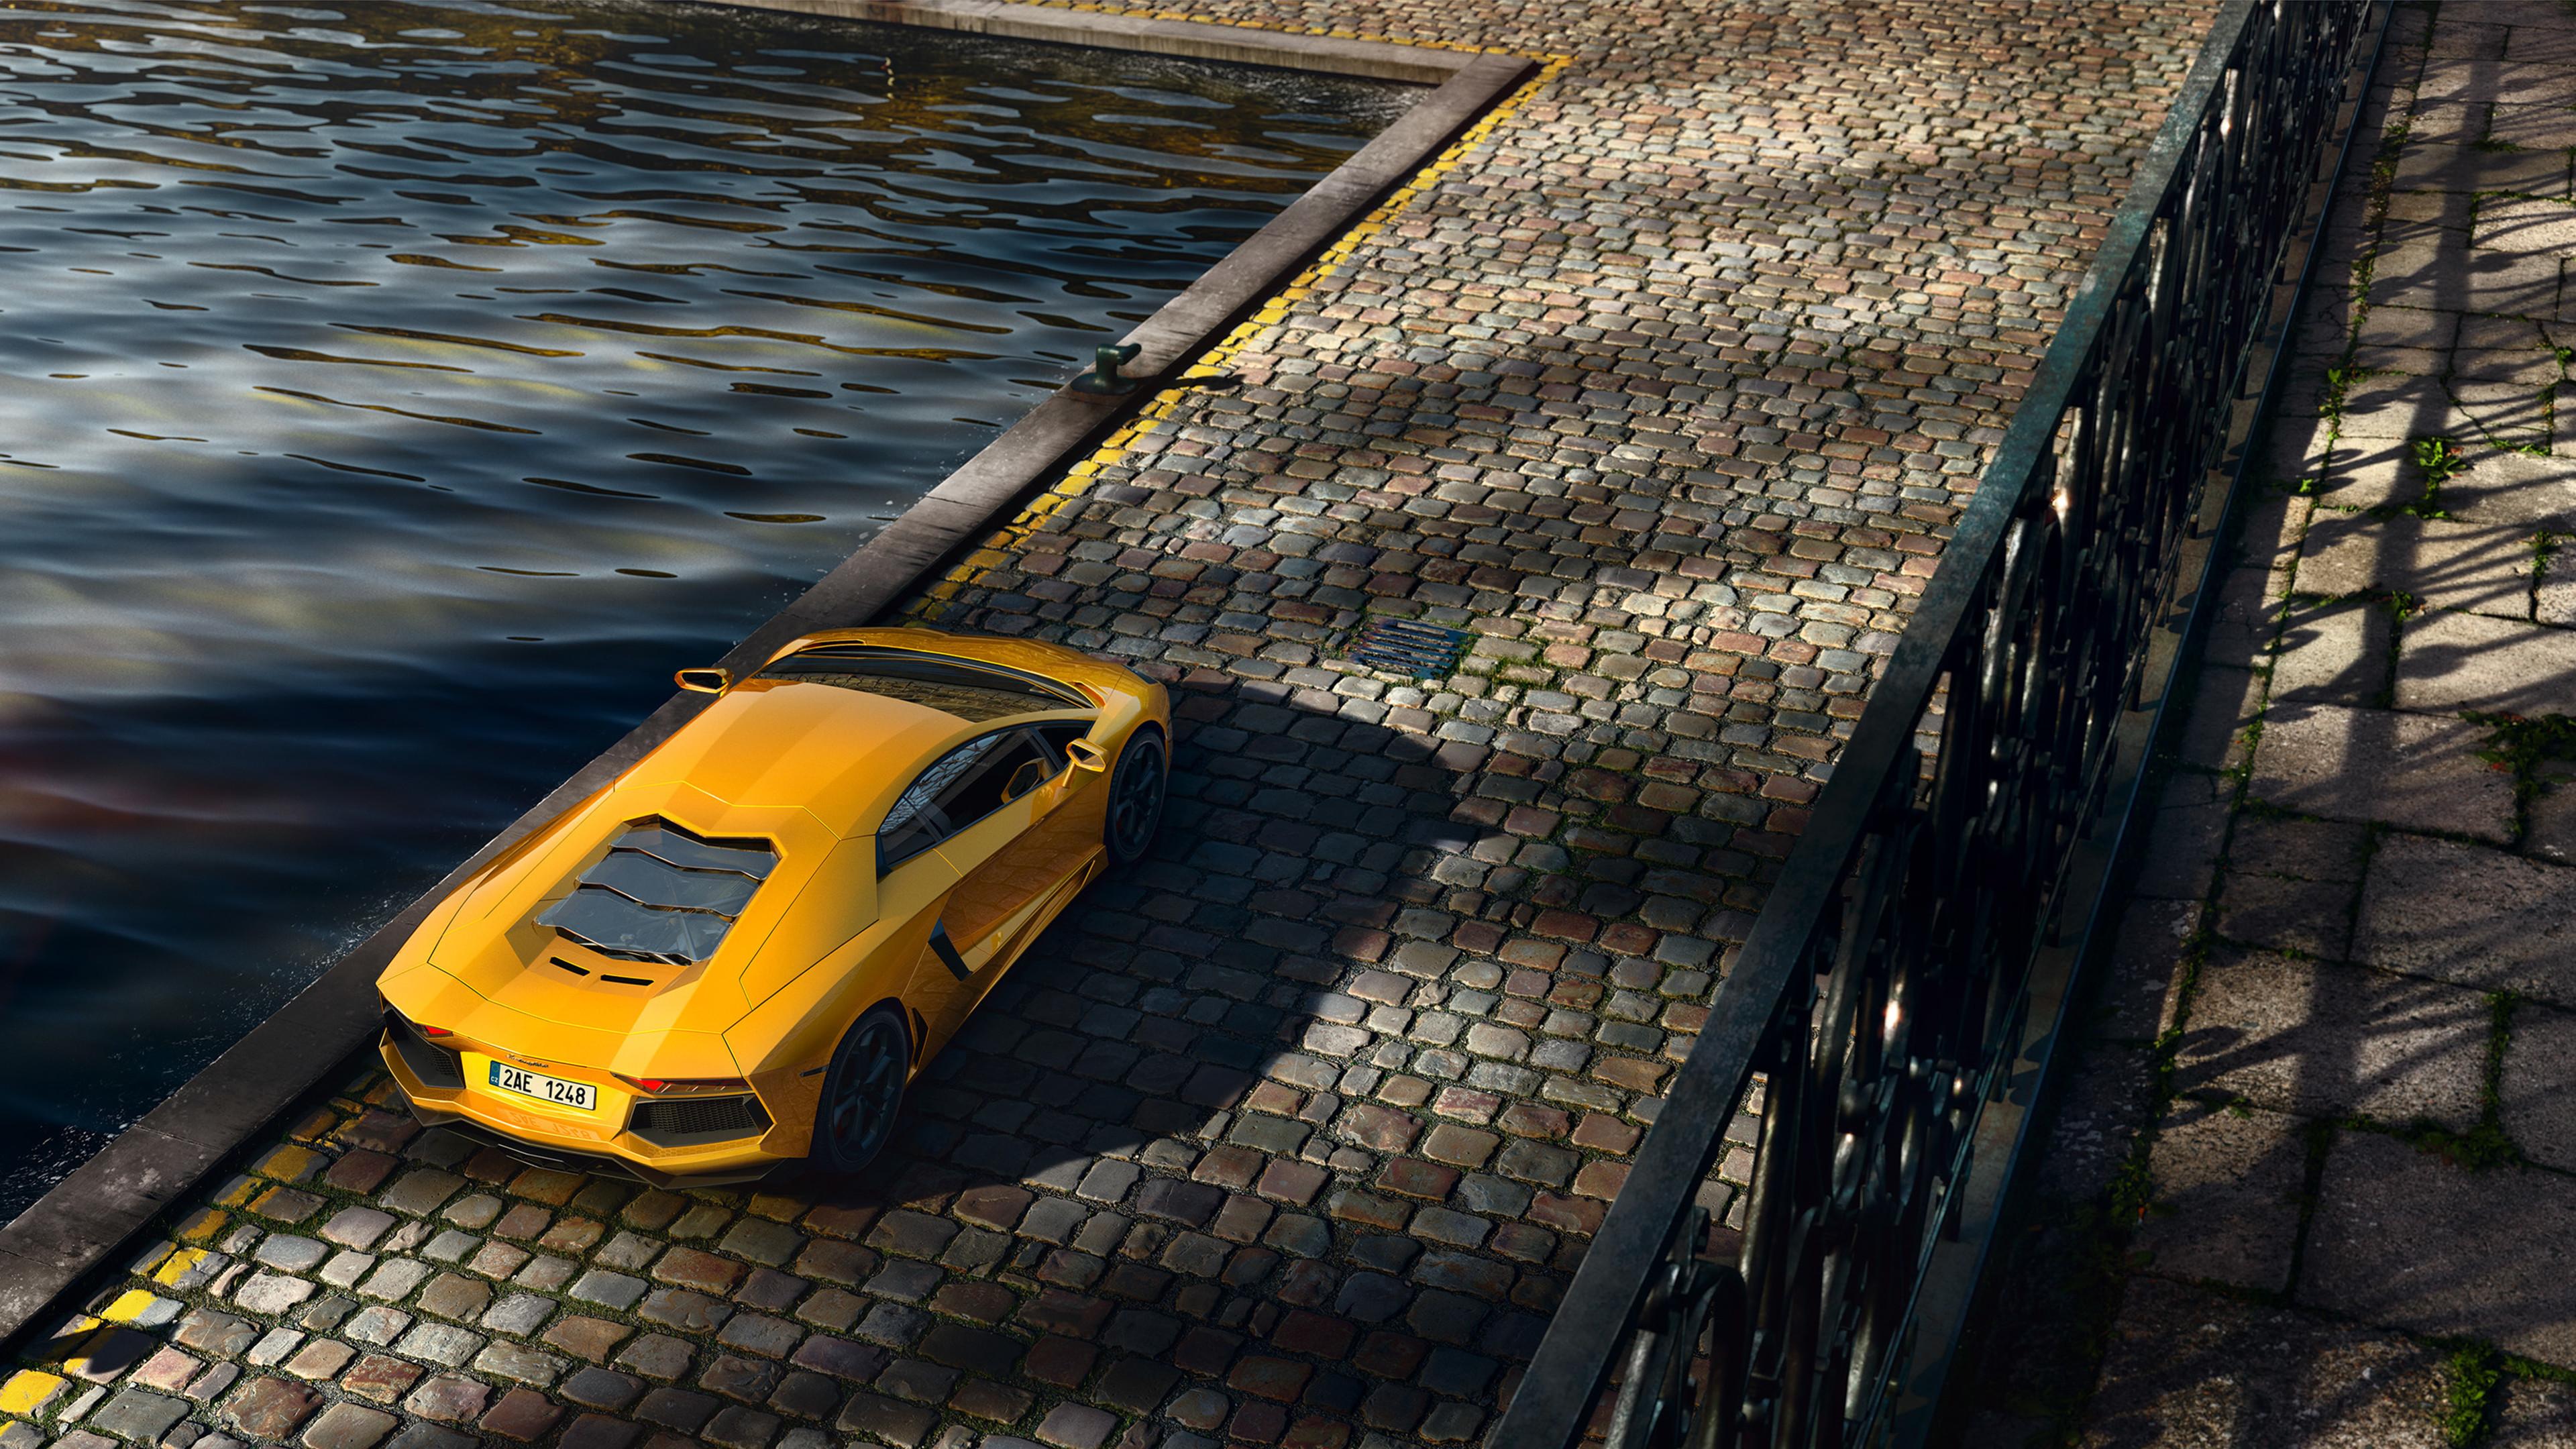 lamborghini upper view 1570392047 - Lamborghini Upper View - lamborghini wallpapers, hd-wallpapers, cars wallpapers, 4k-wallpapers